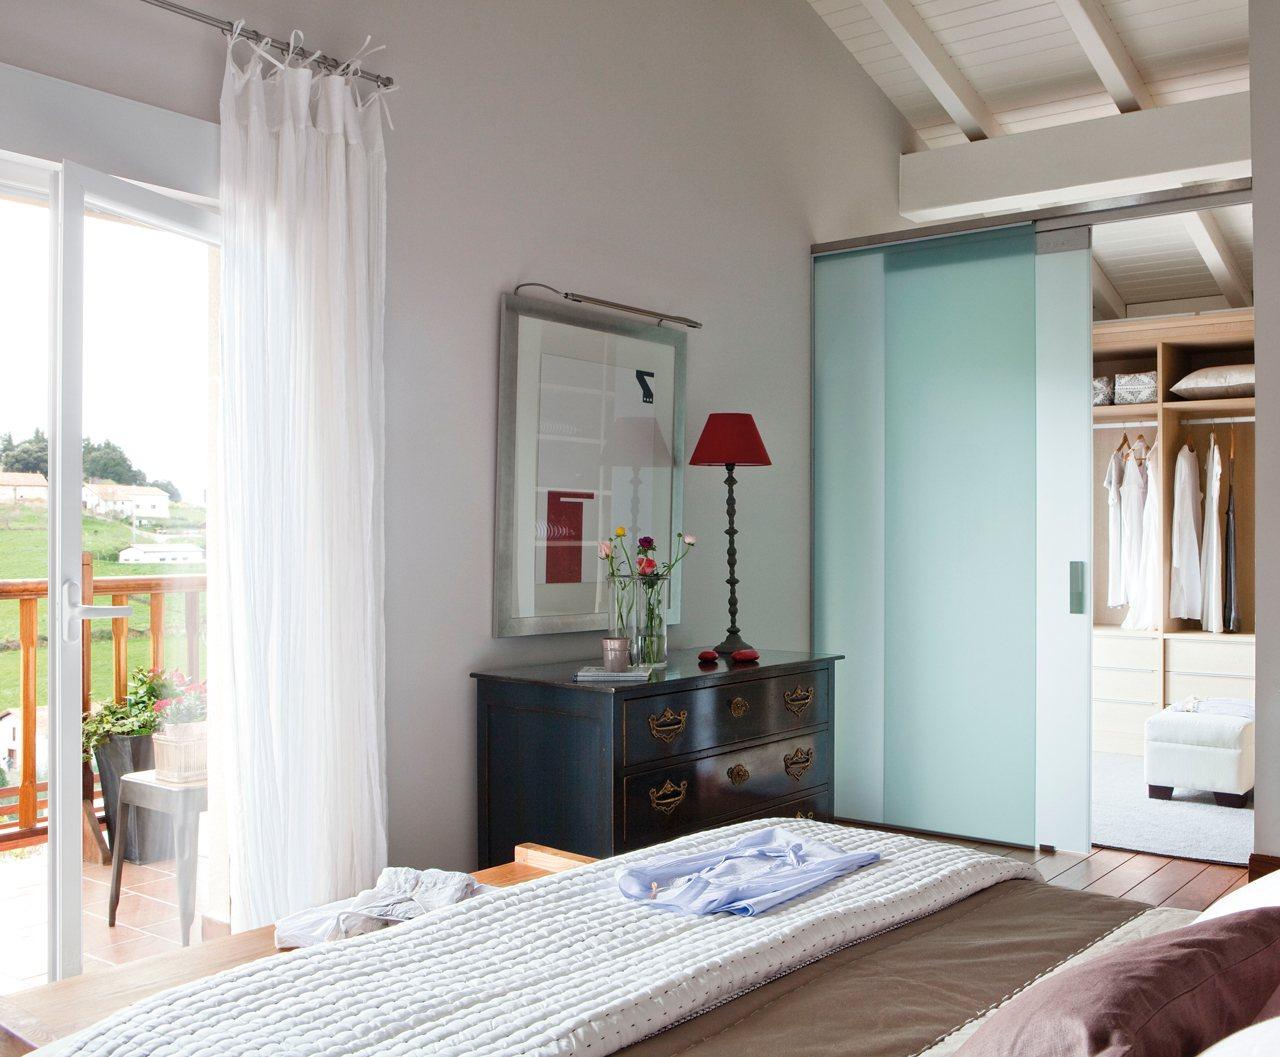 Techos de cristal para casas interesting pasillo con - Cristales para techos ...